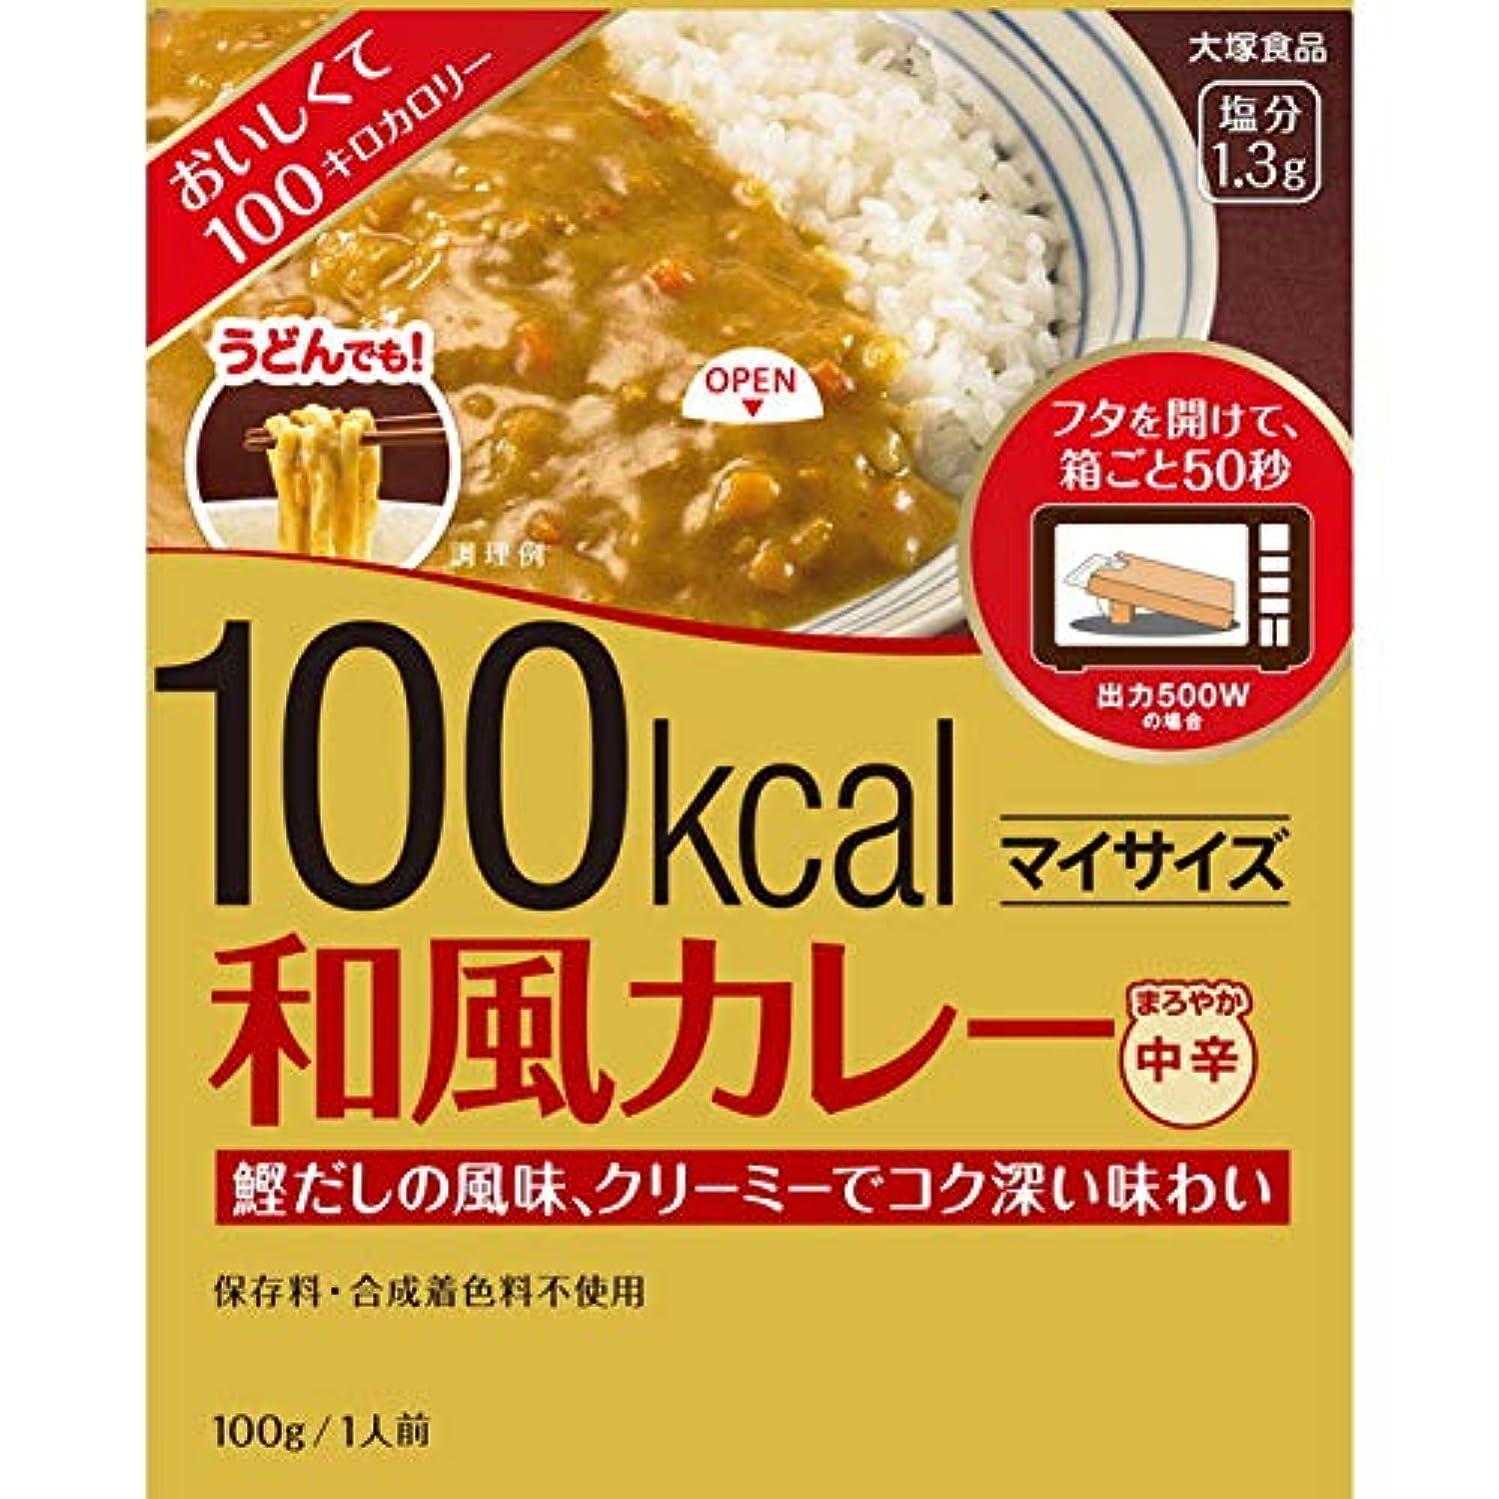 助言するリアル練習大塚 マイサイズ 和風カレー 100g【5個セット】